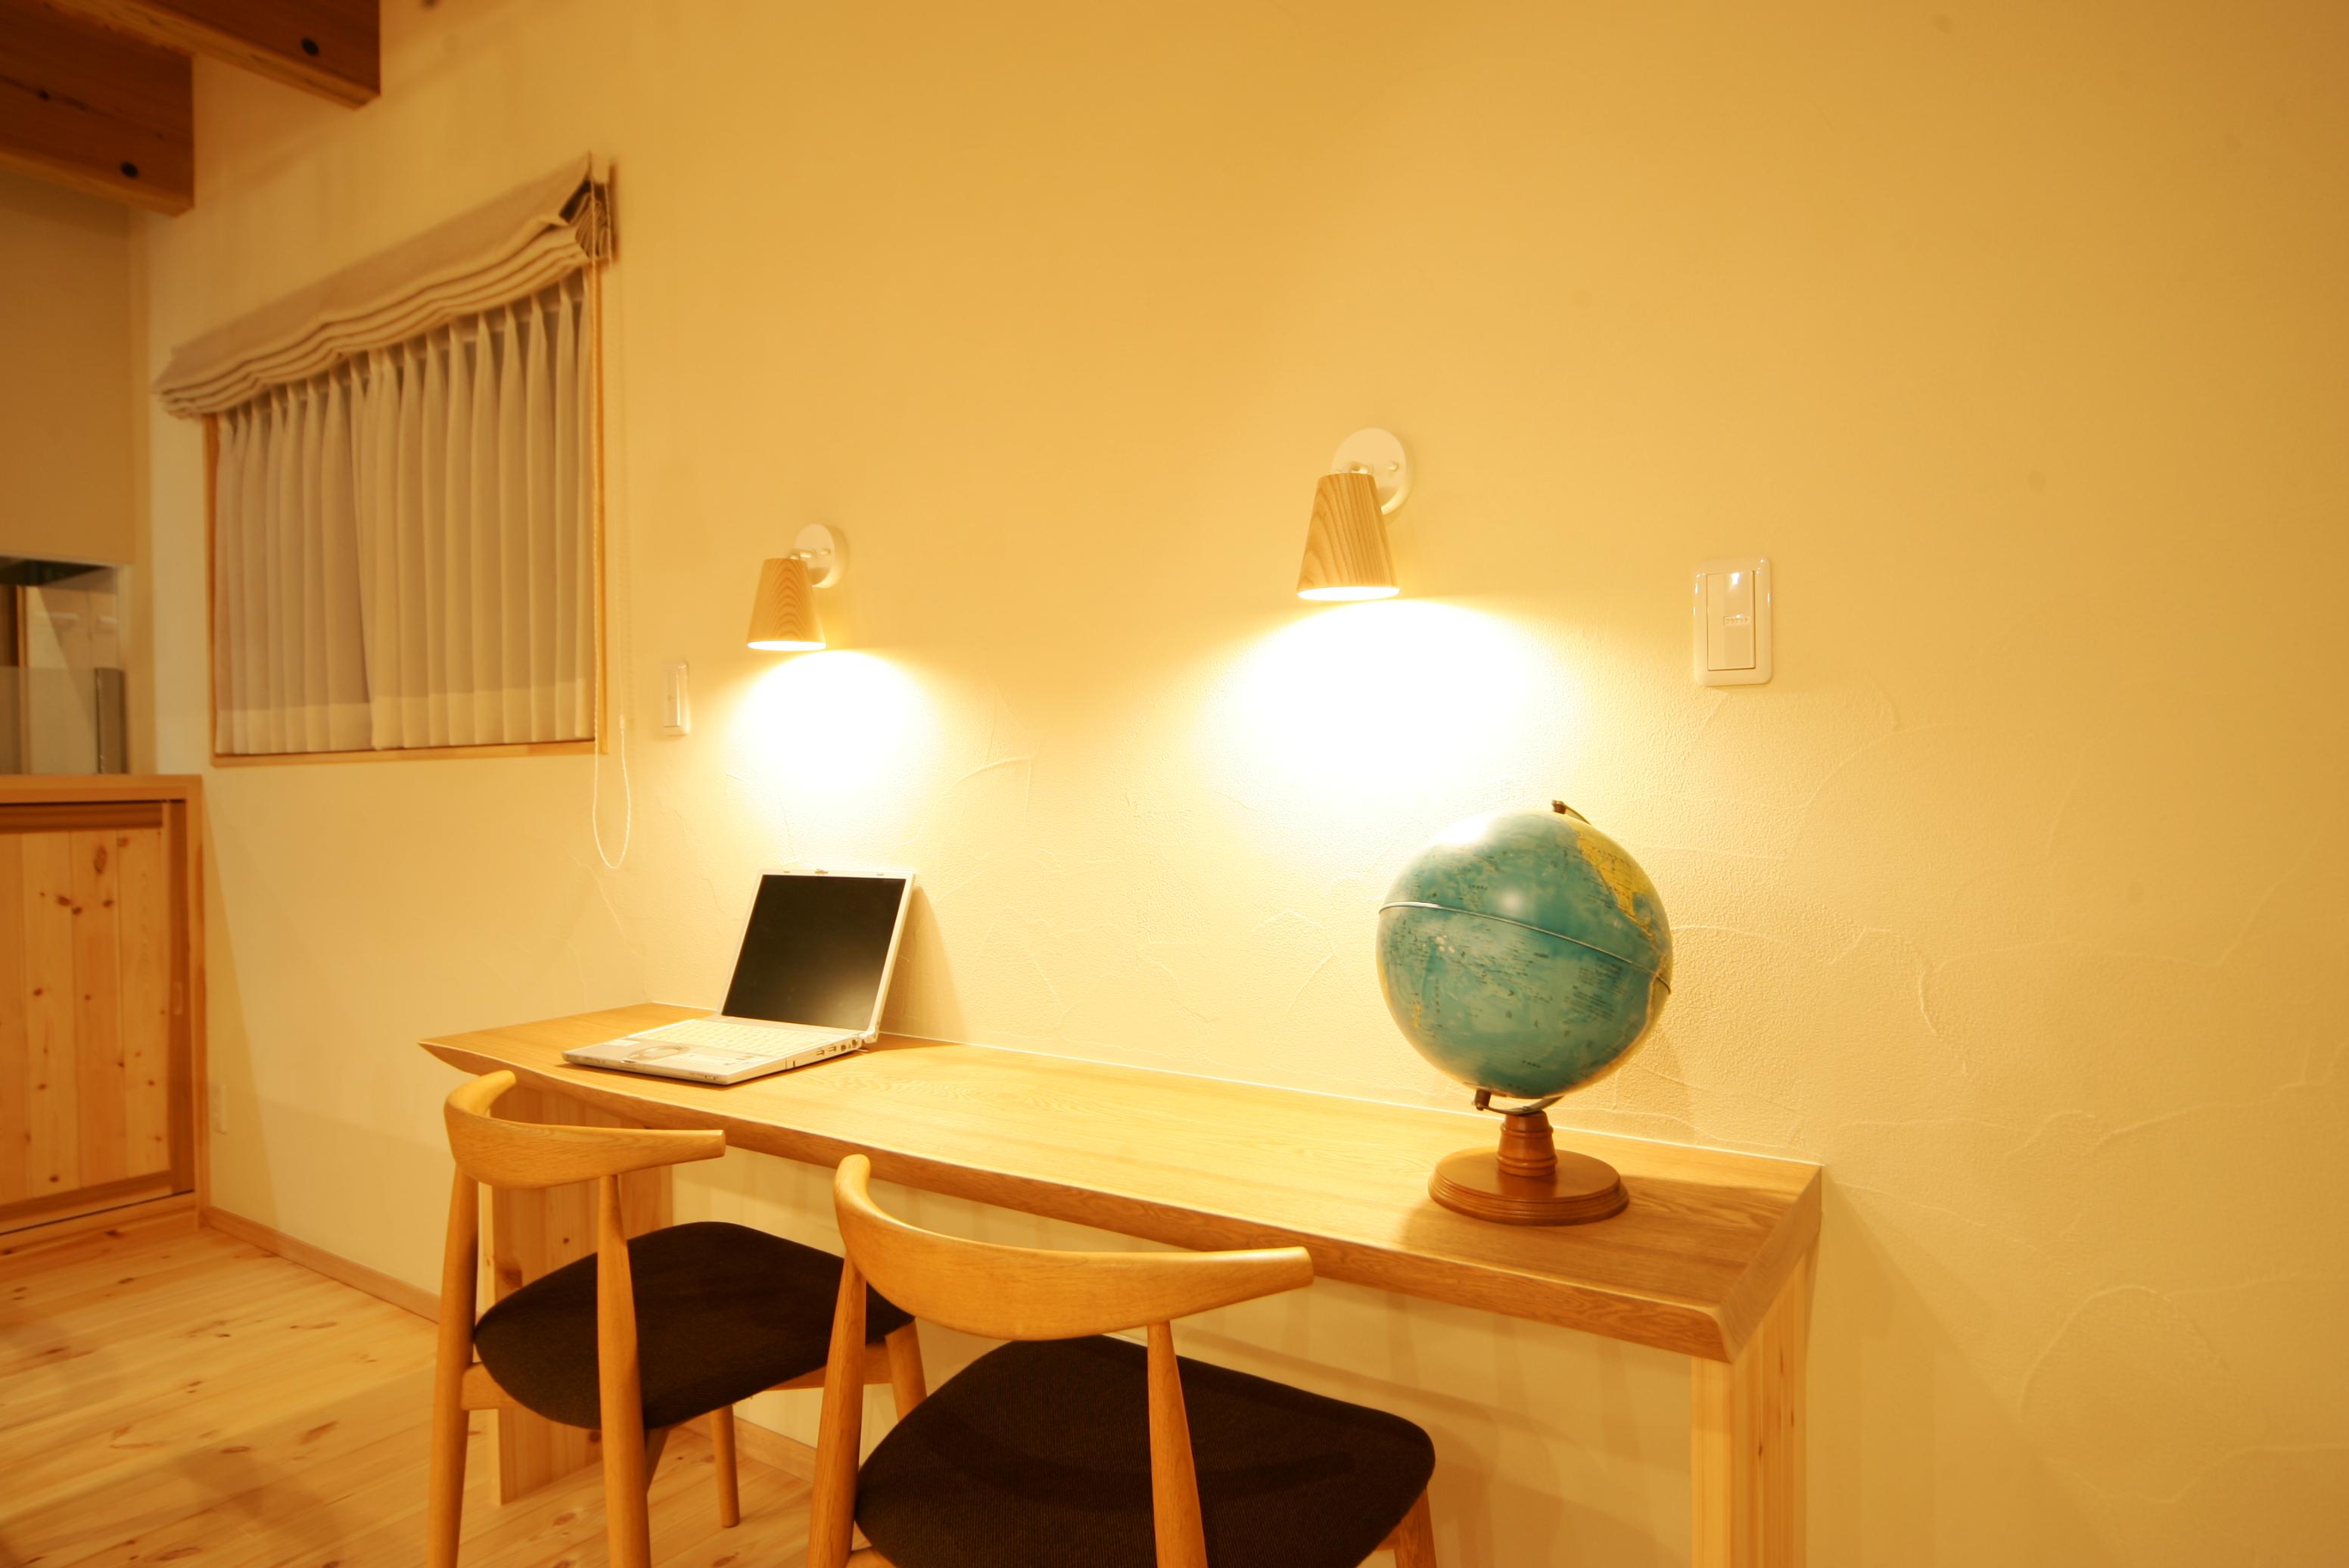 住まいるコーポレーション【子育て、収納力、自然素材】子どもたちのスタディコーナーは、オリジナルデザインのシンプルなカウンターに。スポット照明も2つ設けてある。奥さまがキッチンで調理や片付けをしながら、子どもの勉強を見てあげることもできそう。アイロンがけやPC作業など、多目的に使用可能